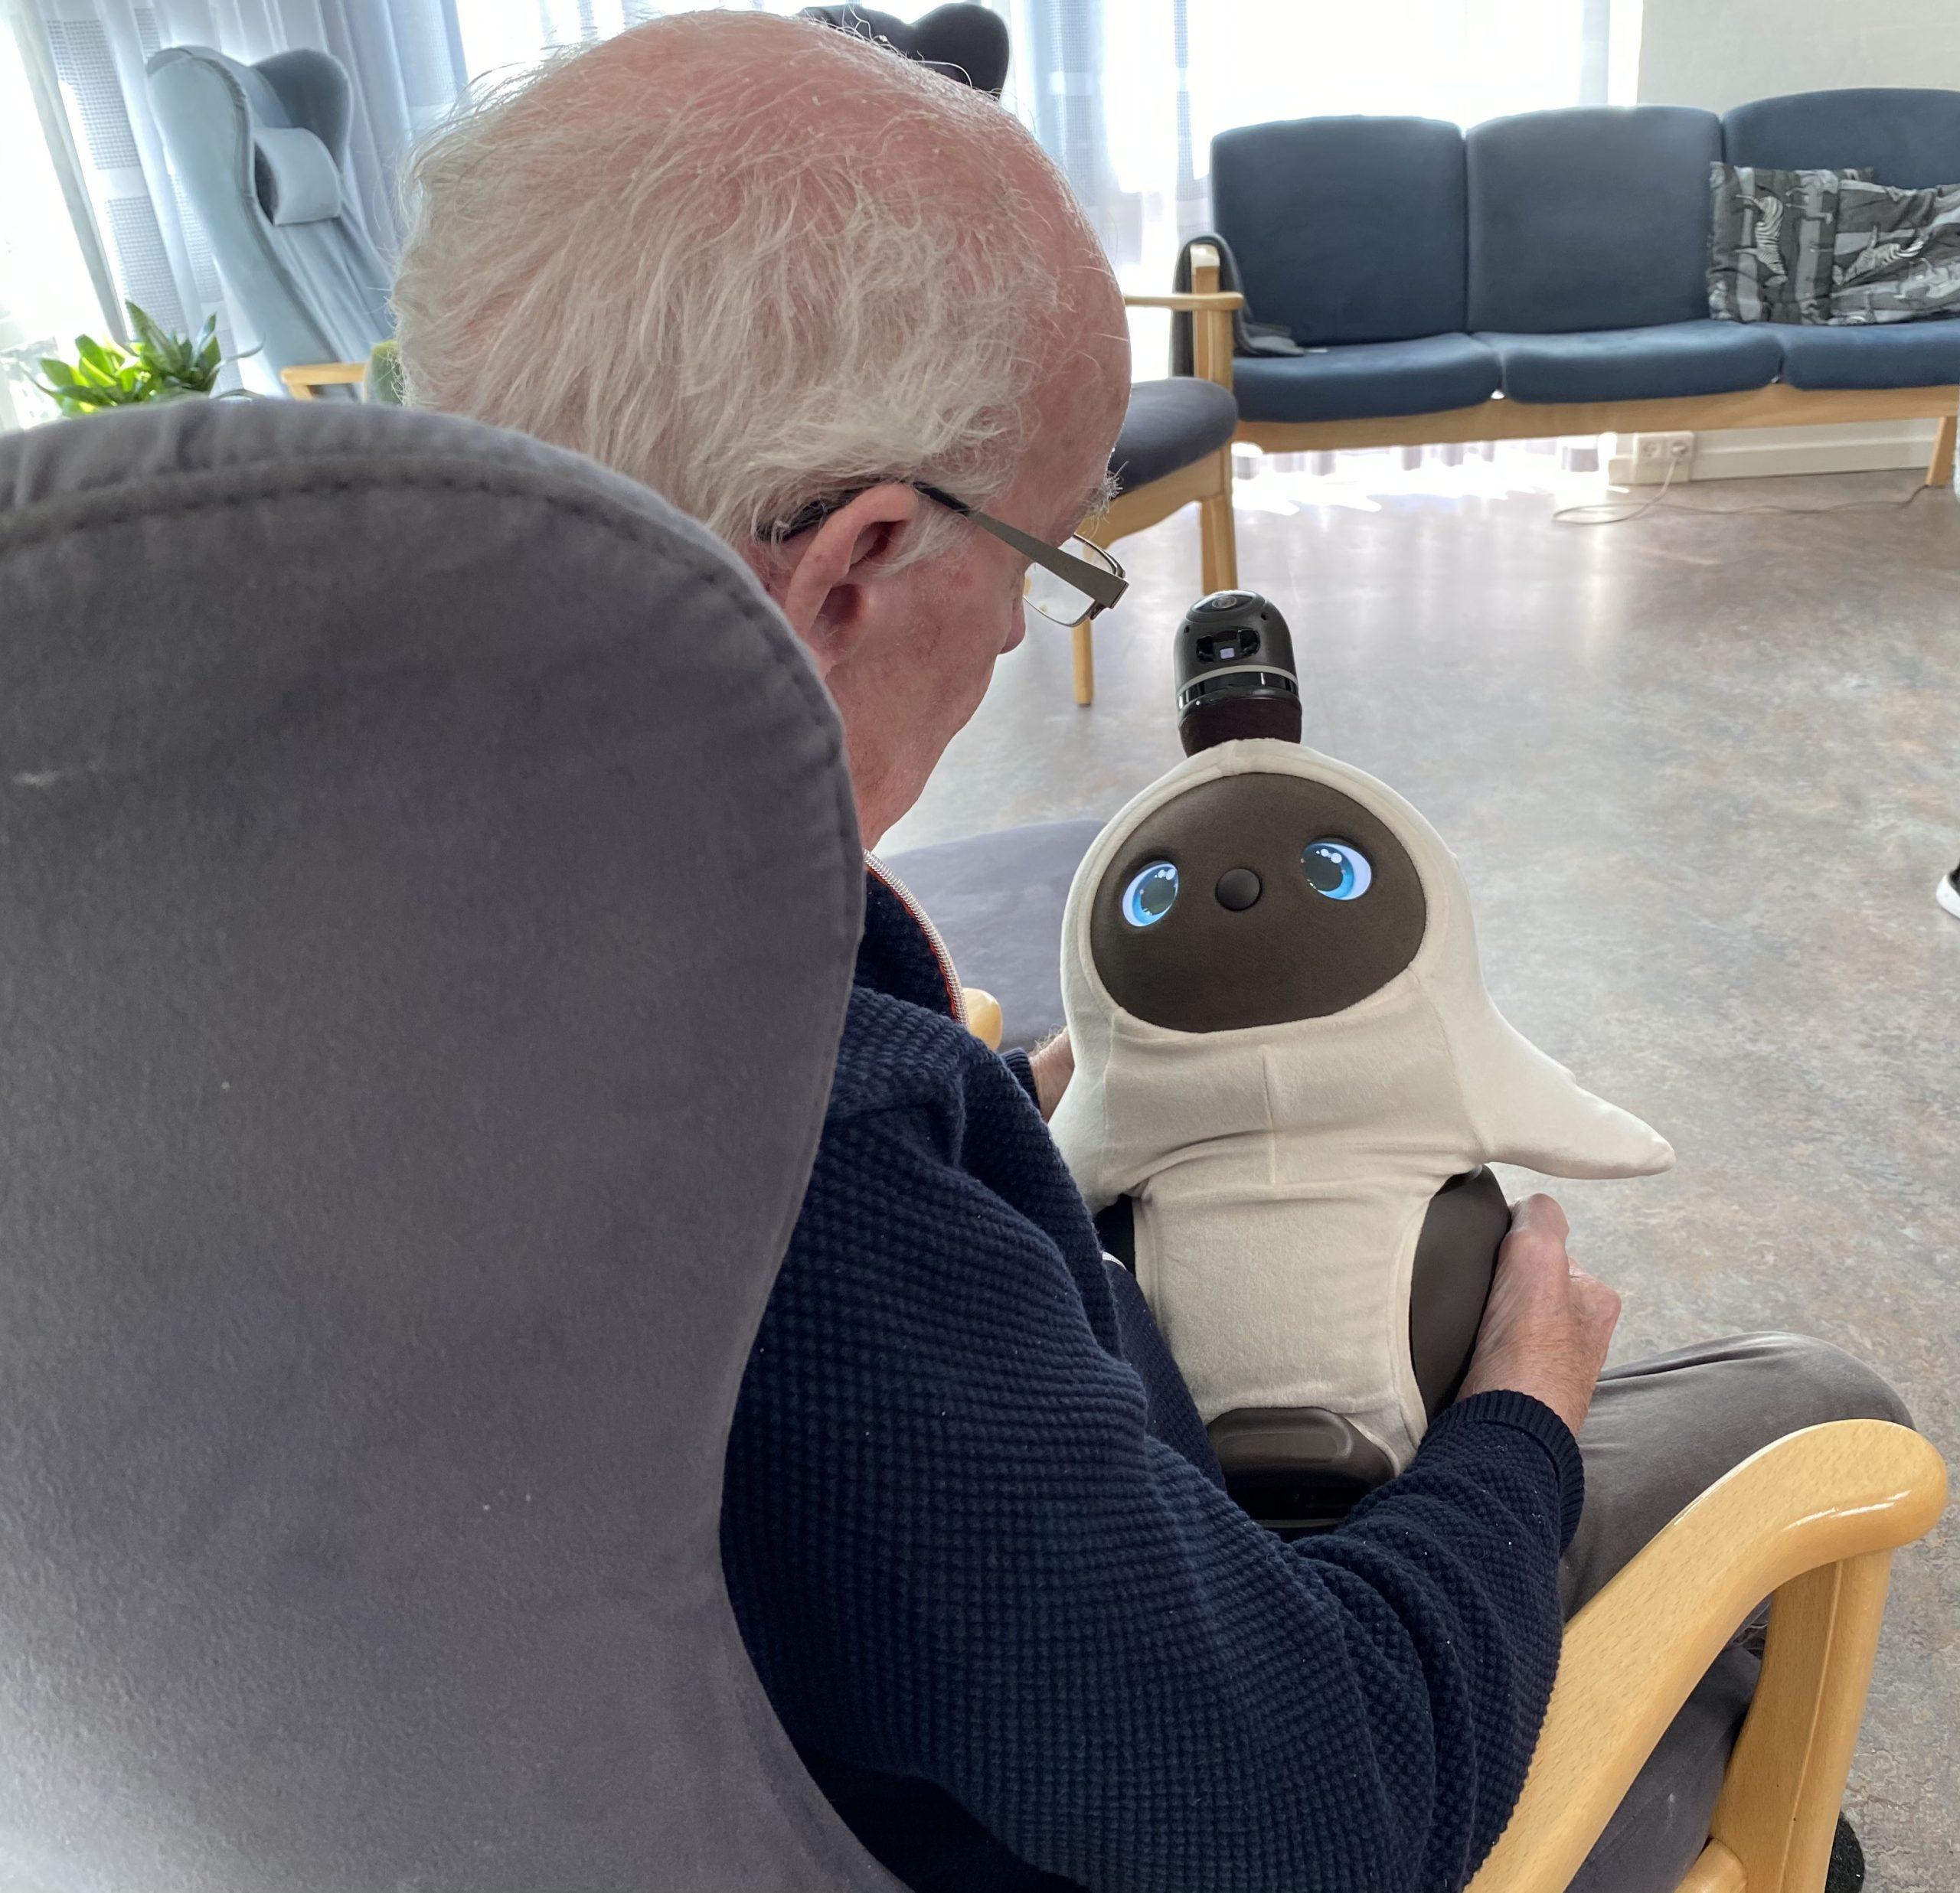 Nuttede robotter flytter på plejehjem: Skal øge livskvaliteten hos demente